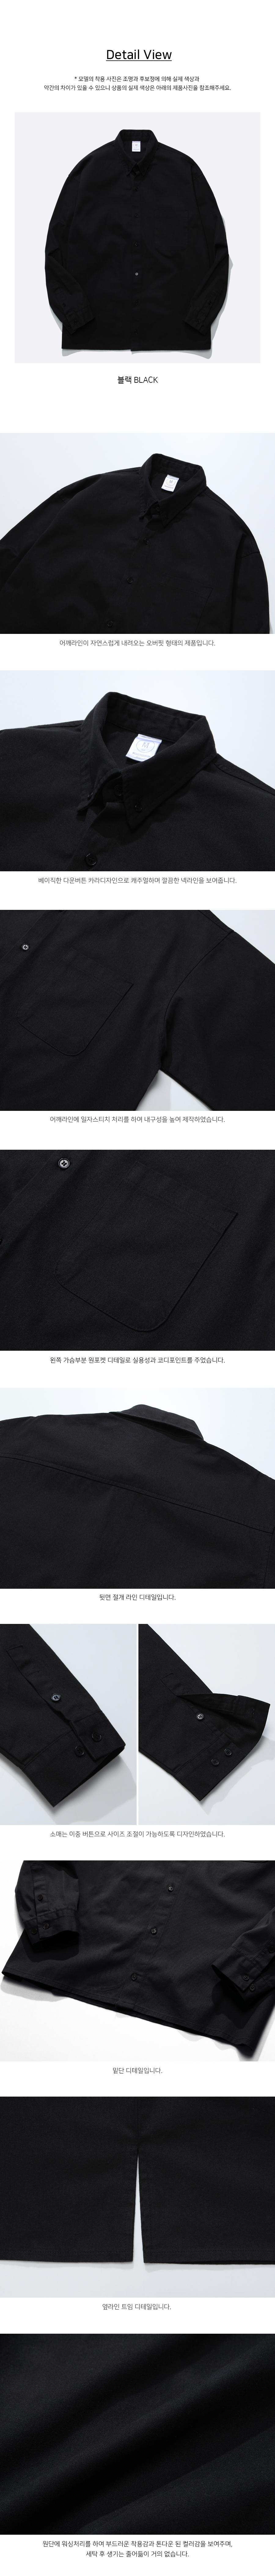 [제멋] [기획특가] 제니 오버핏 셔츠 블랙 YHLS2185